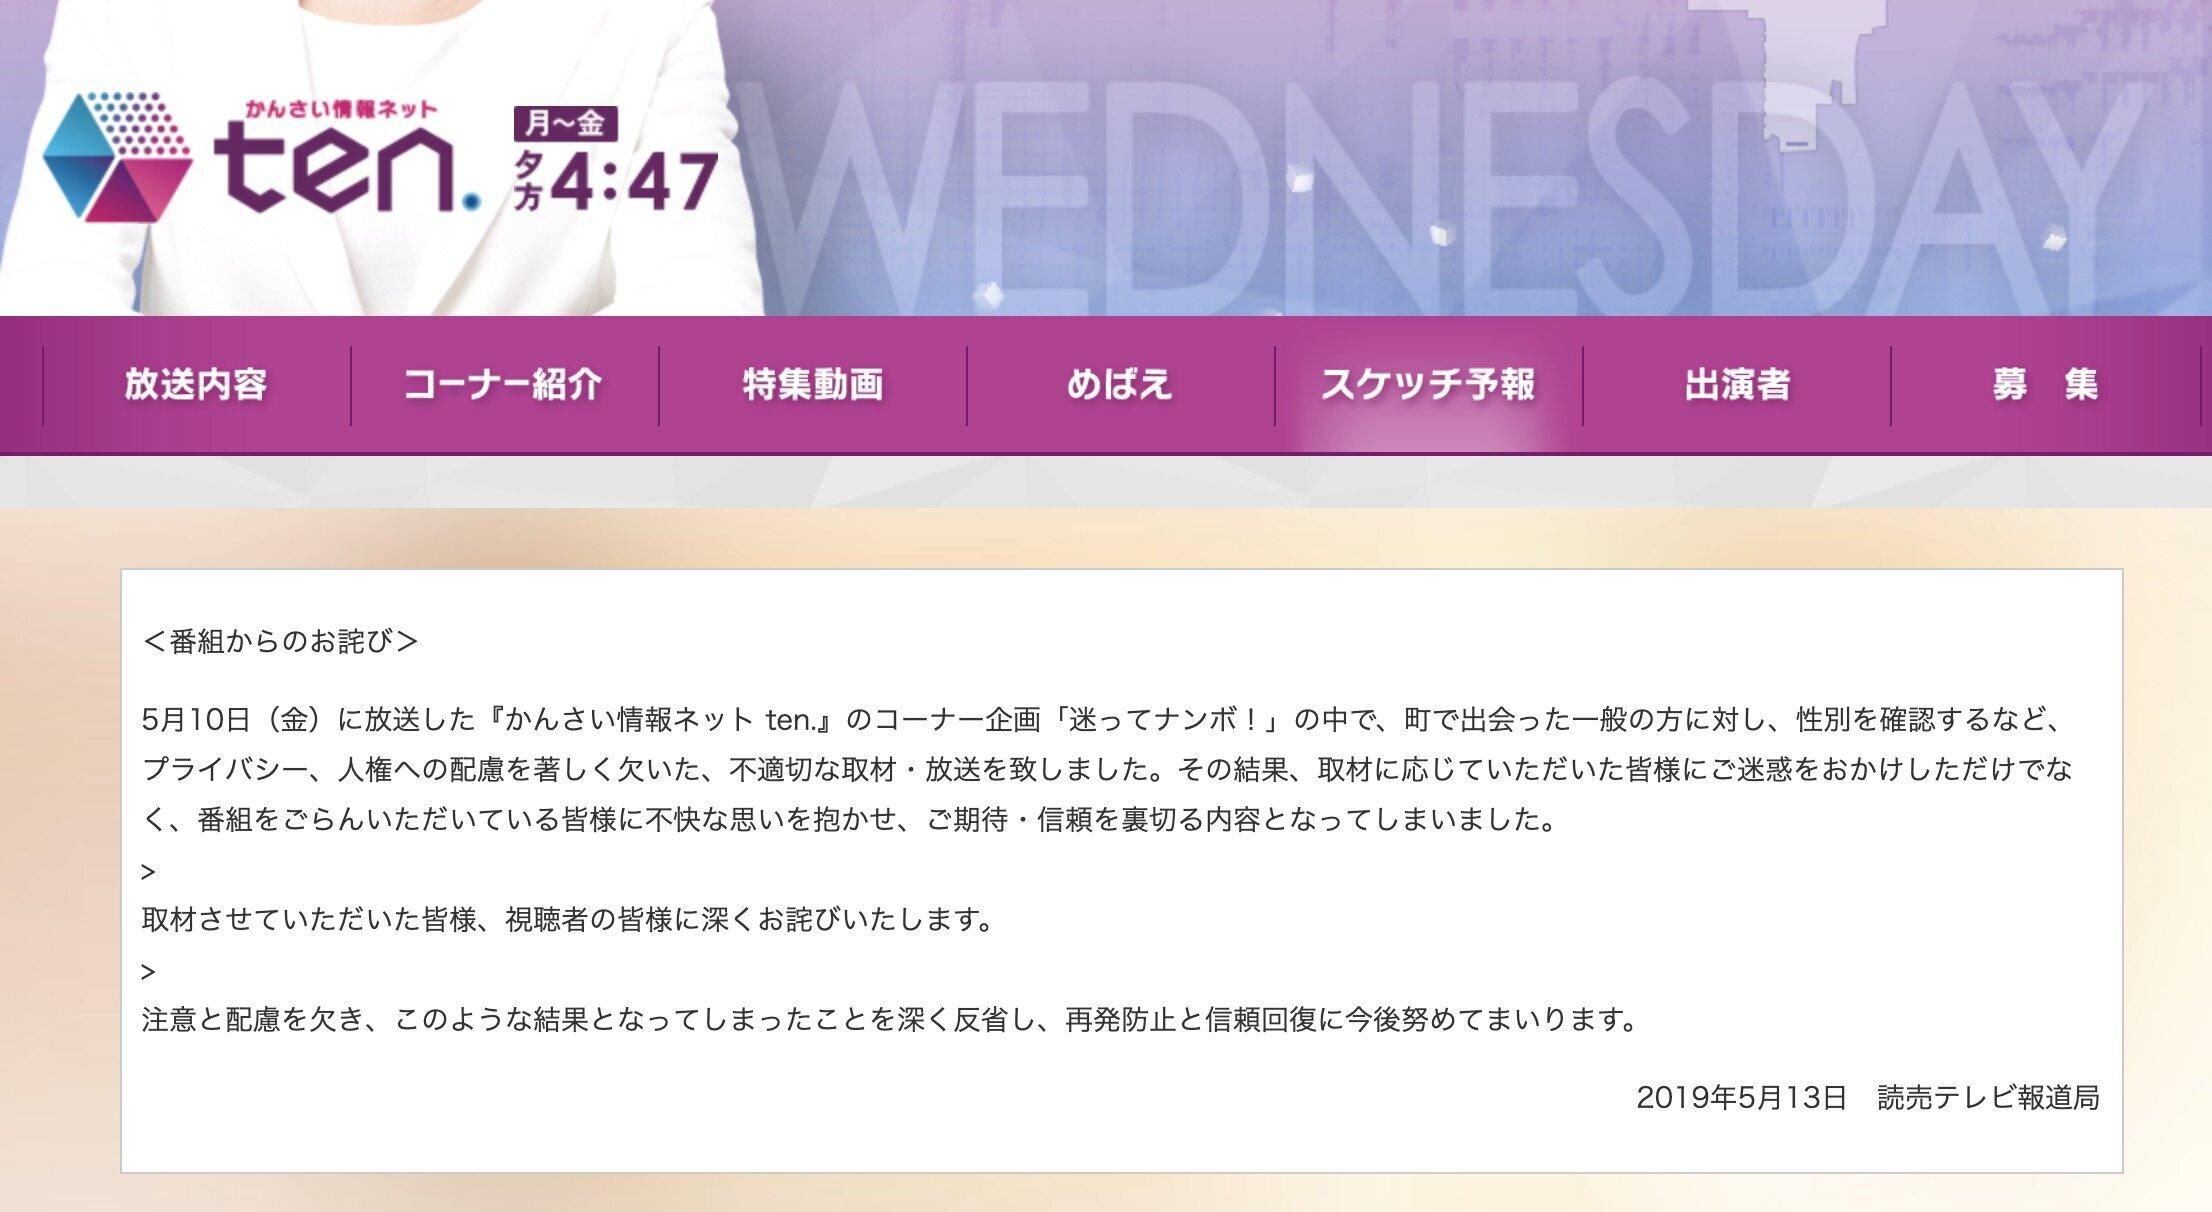 読売テレビ「かんさい情報ネット ten.」番組ホームページのお詫び文